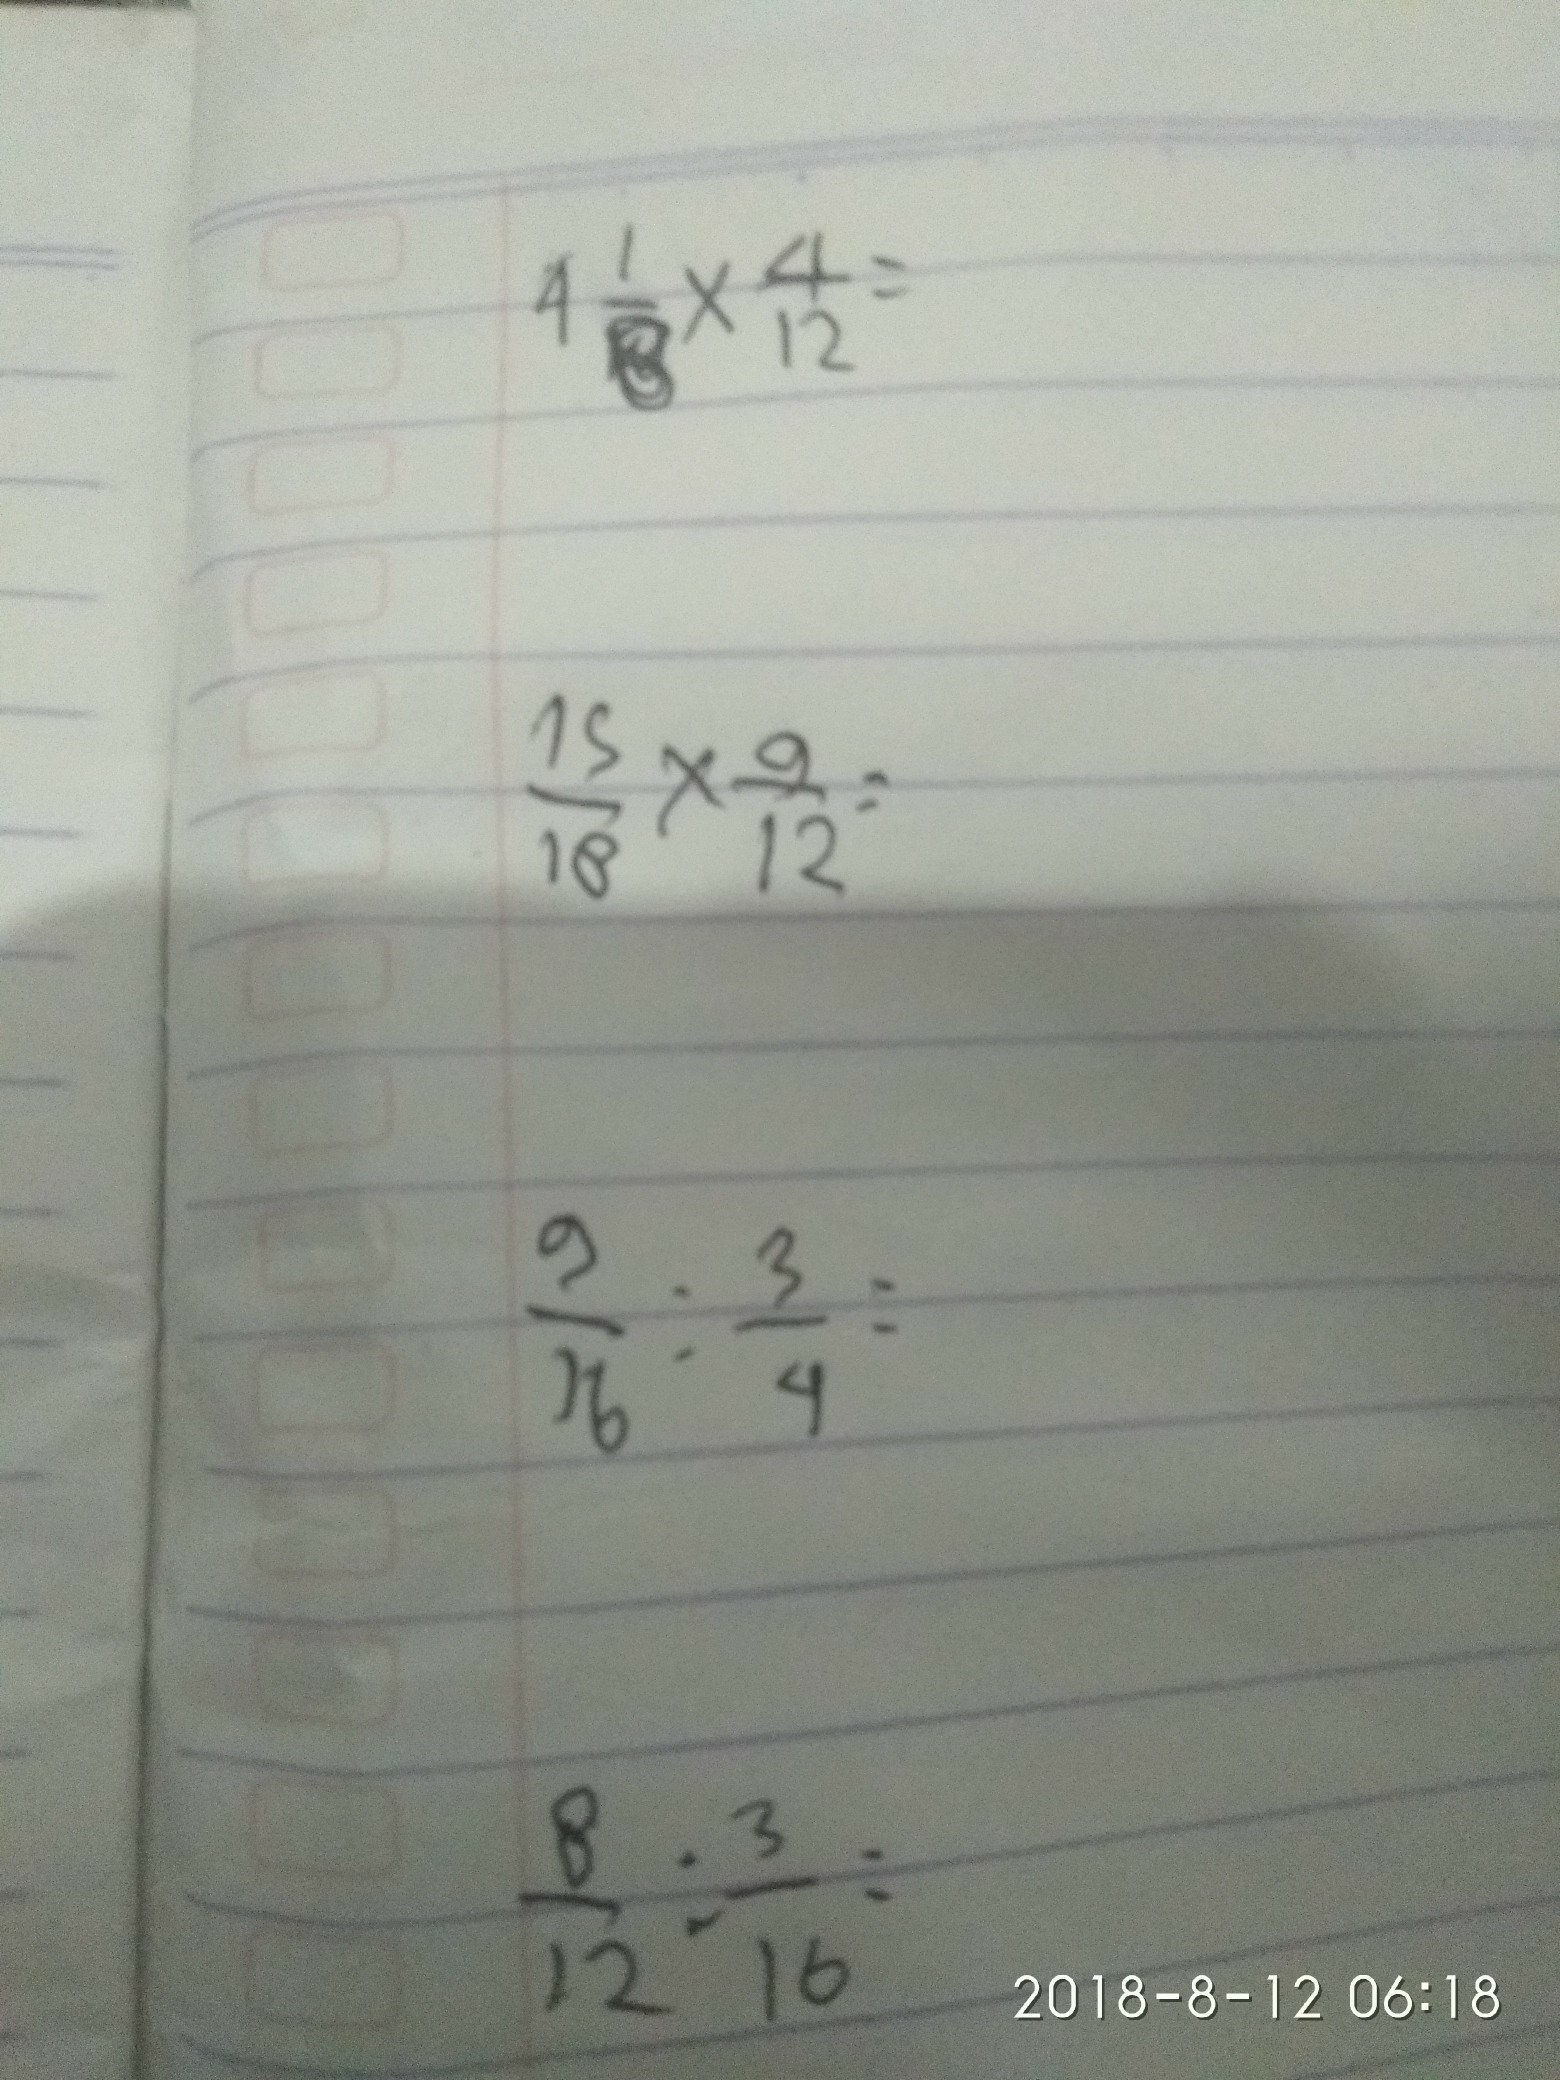 Menghitung Pecahan Campuran : menghitung, pecahan, campuran, Bagaimana, Menghitung, Perkalian, Pembagian, Pecahan, Campuran, Biasa, Beritahu, Cara,dan, Brainly.co.id